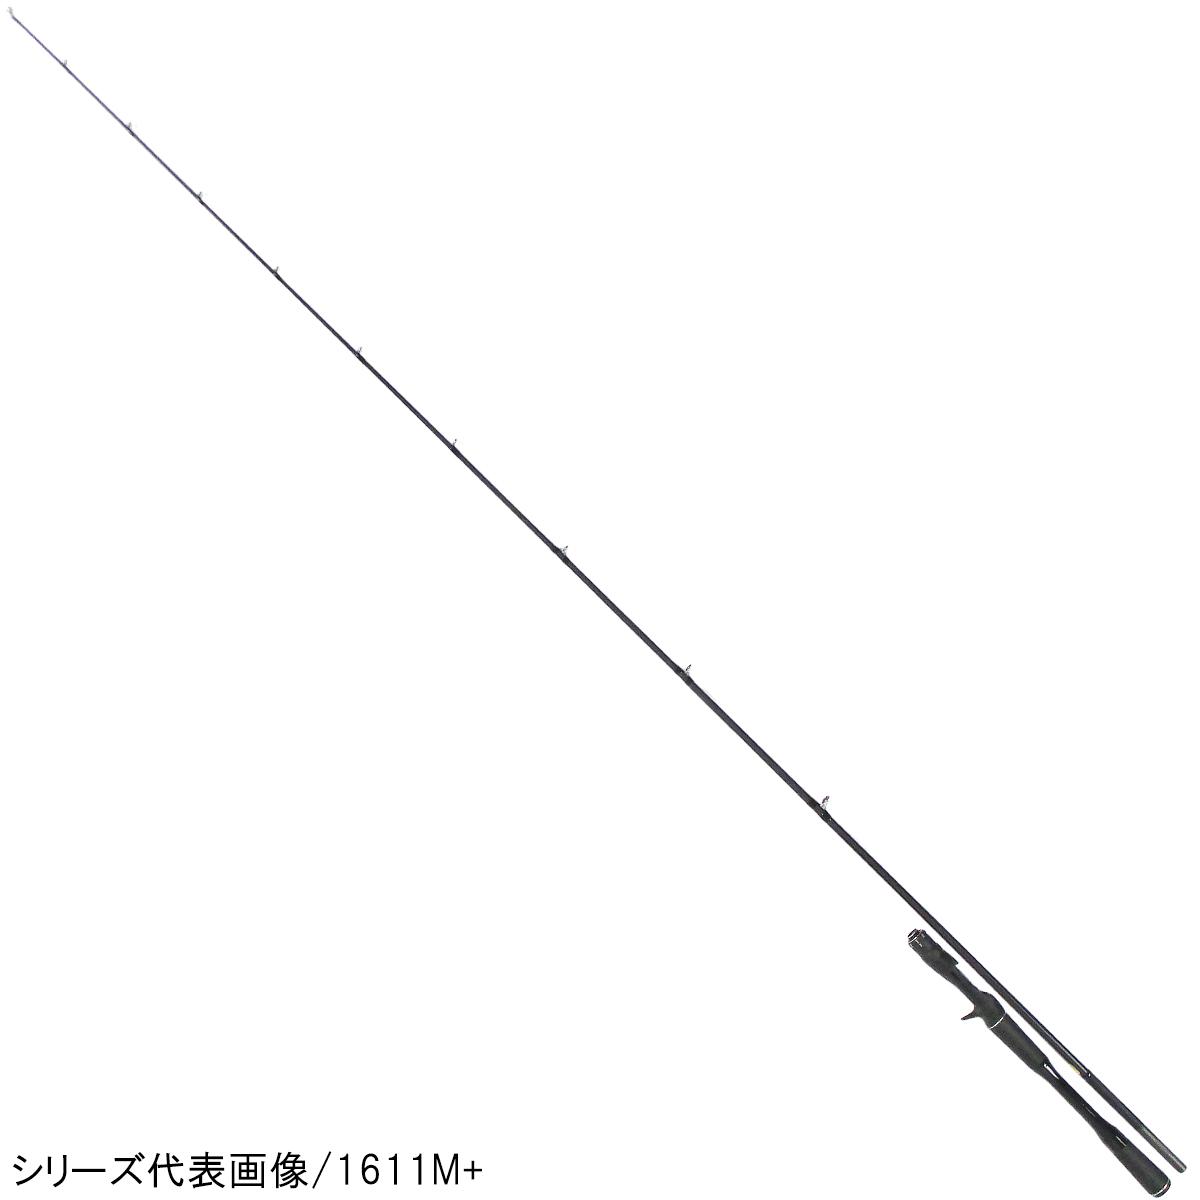 シマノ ポイズンアドレナ (ベイト) 172H【大型商品】